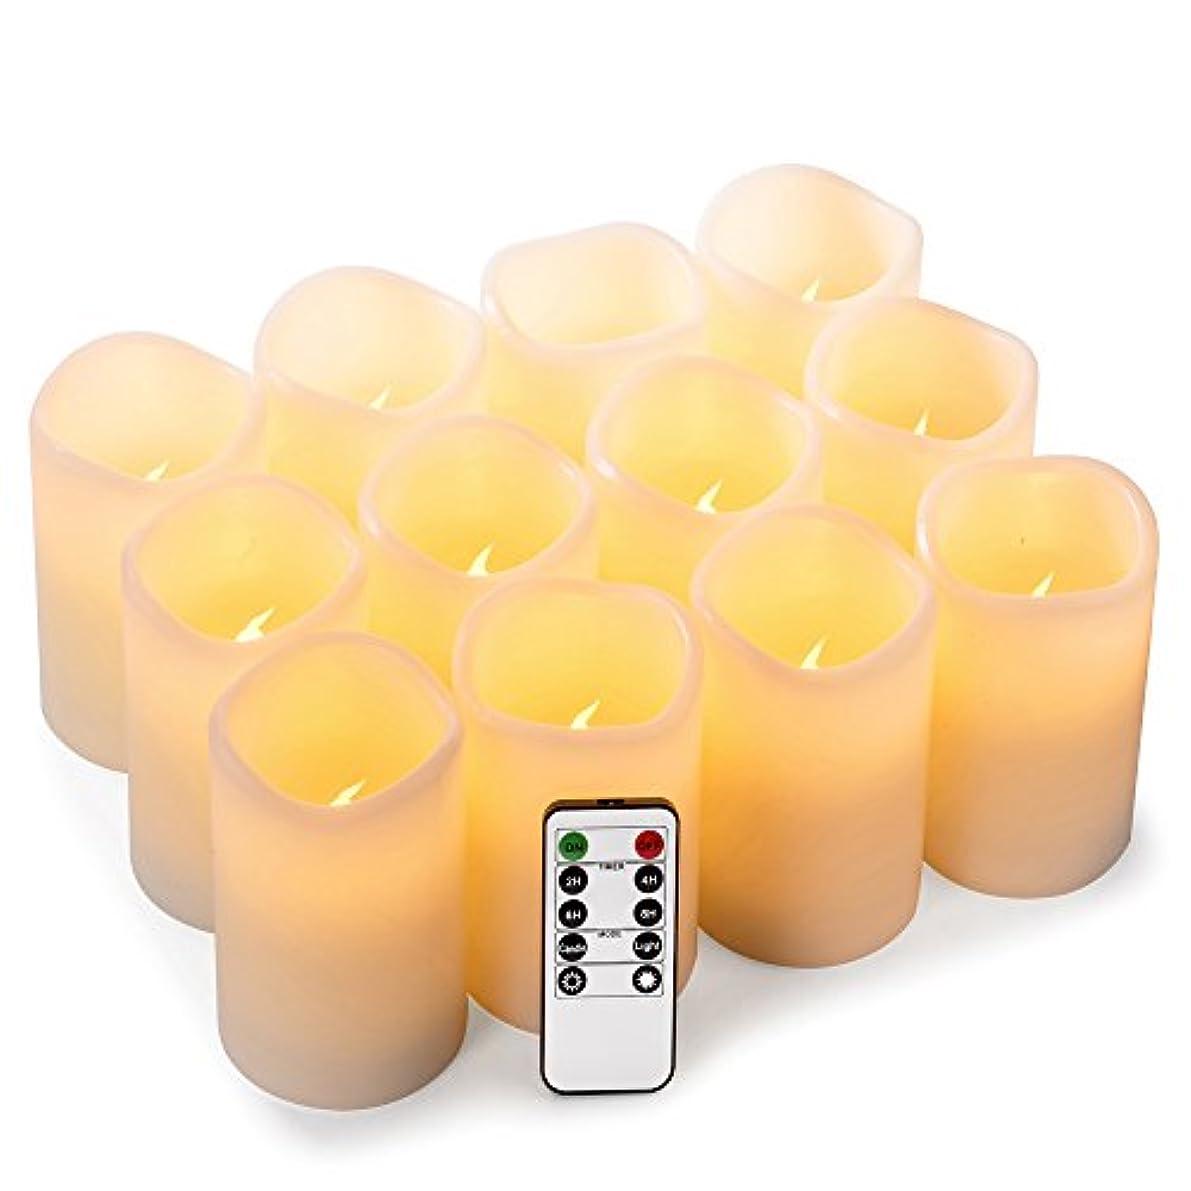 鎖ジャングルメカニックenpornkフレイムレスキャンドル電池式LED Pillar RealワックスちらつきElectric無香キャンドルwithリモートコントロールサイクリング24時間タイマー、アイボリー色、12セット ホワイト